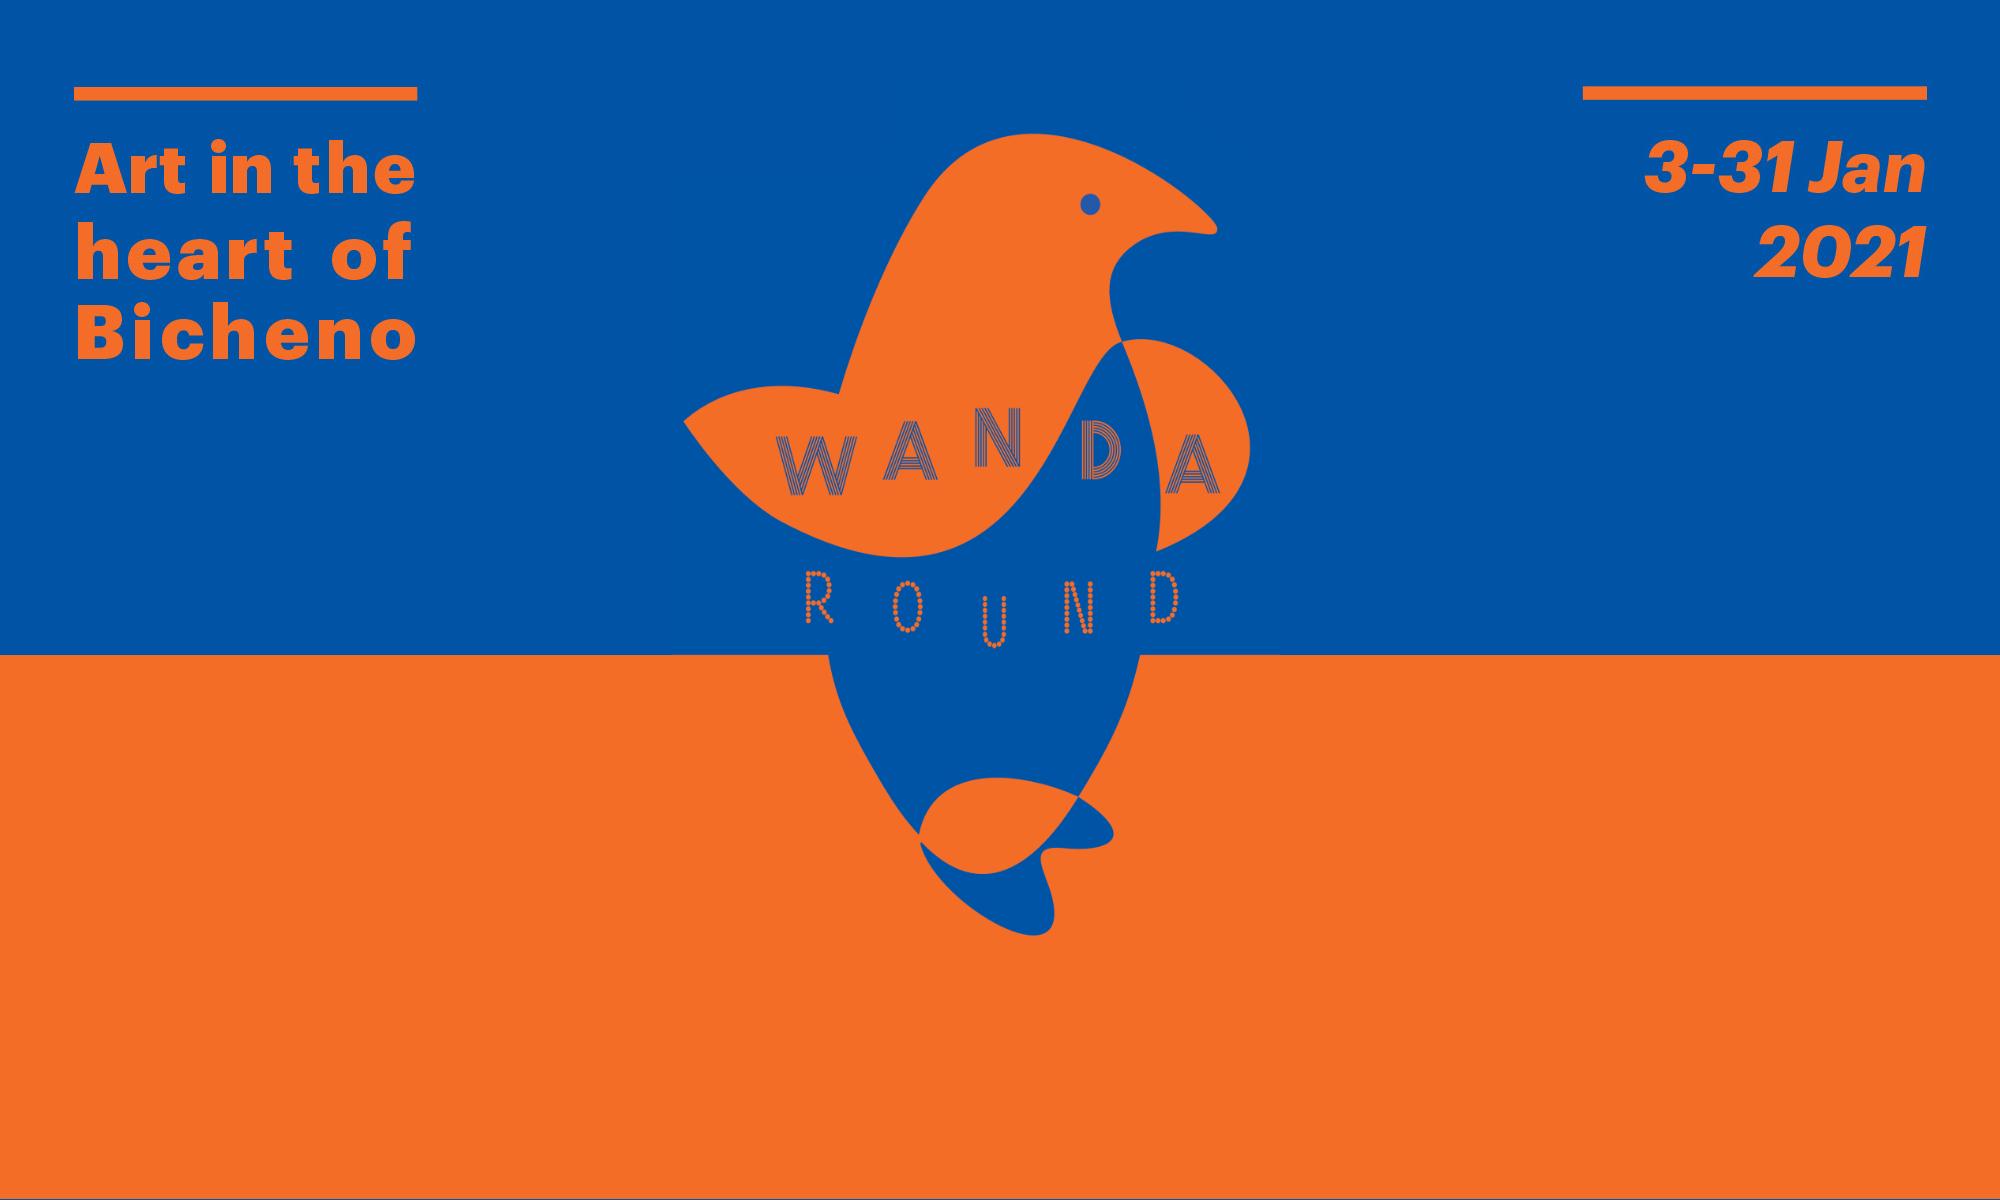 Wanda Round